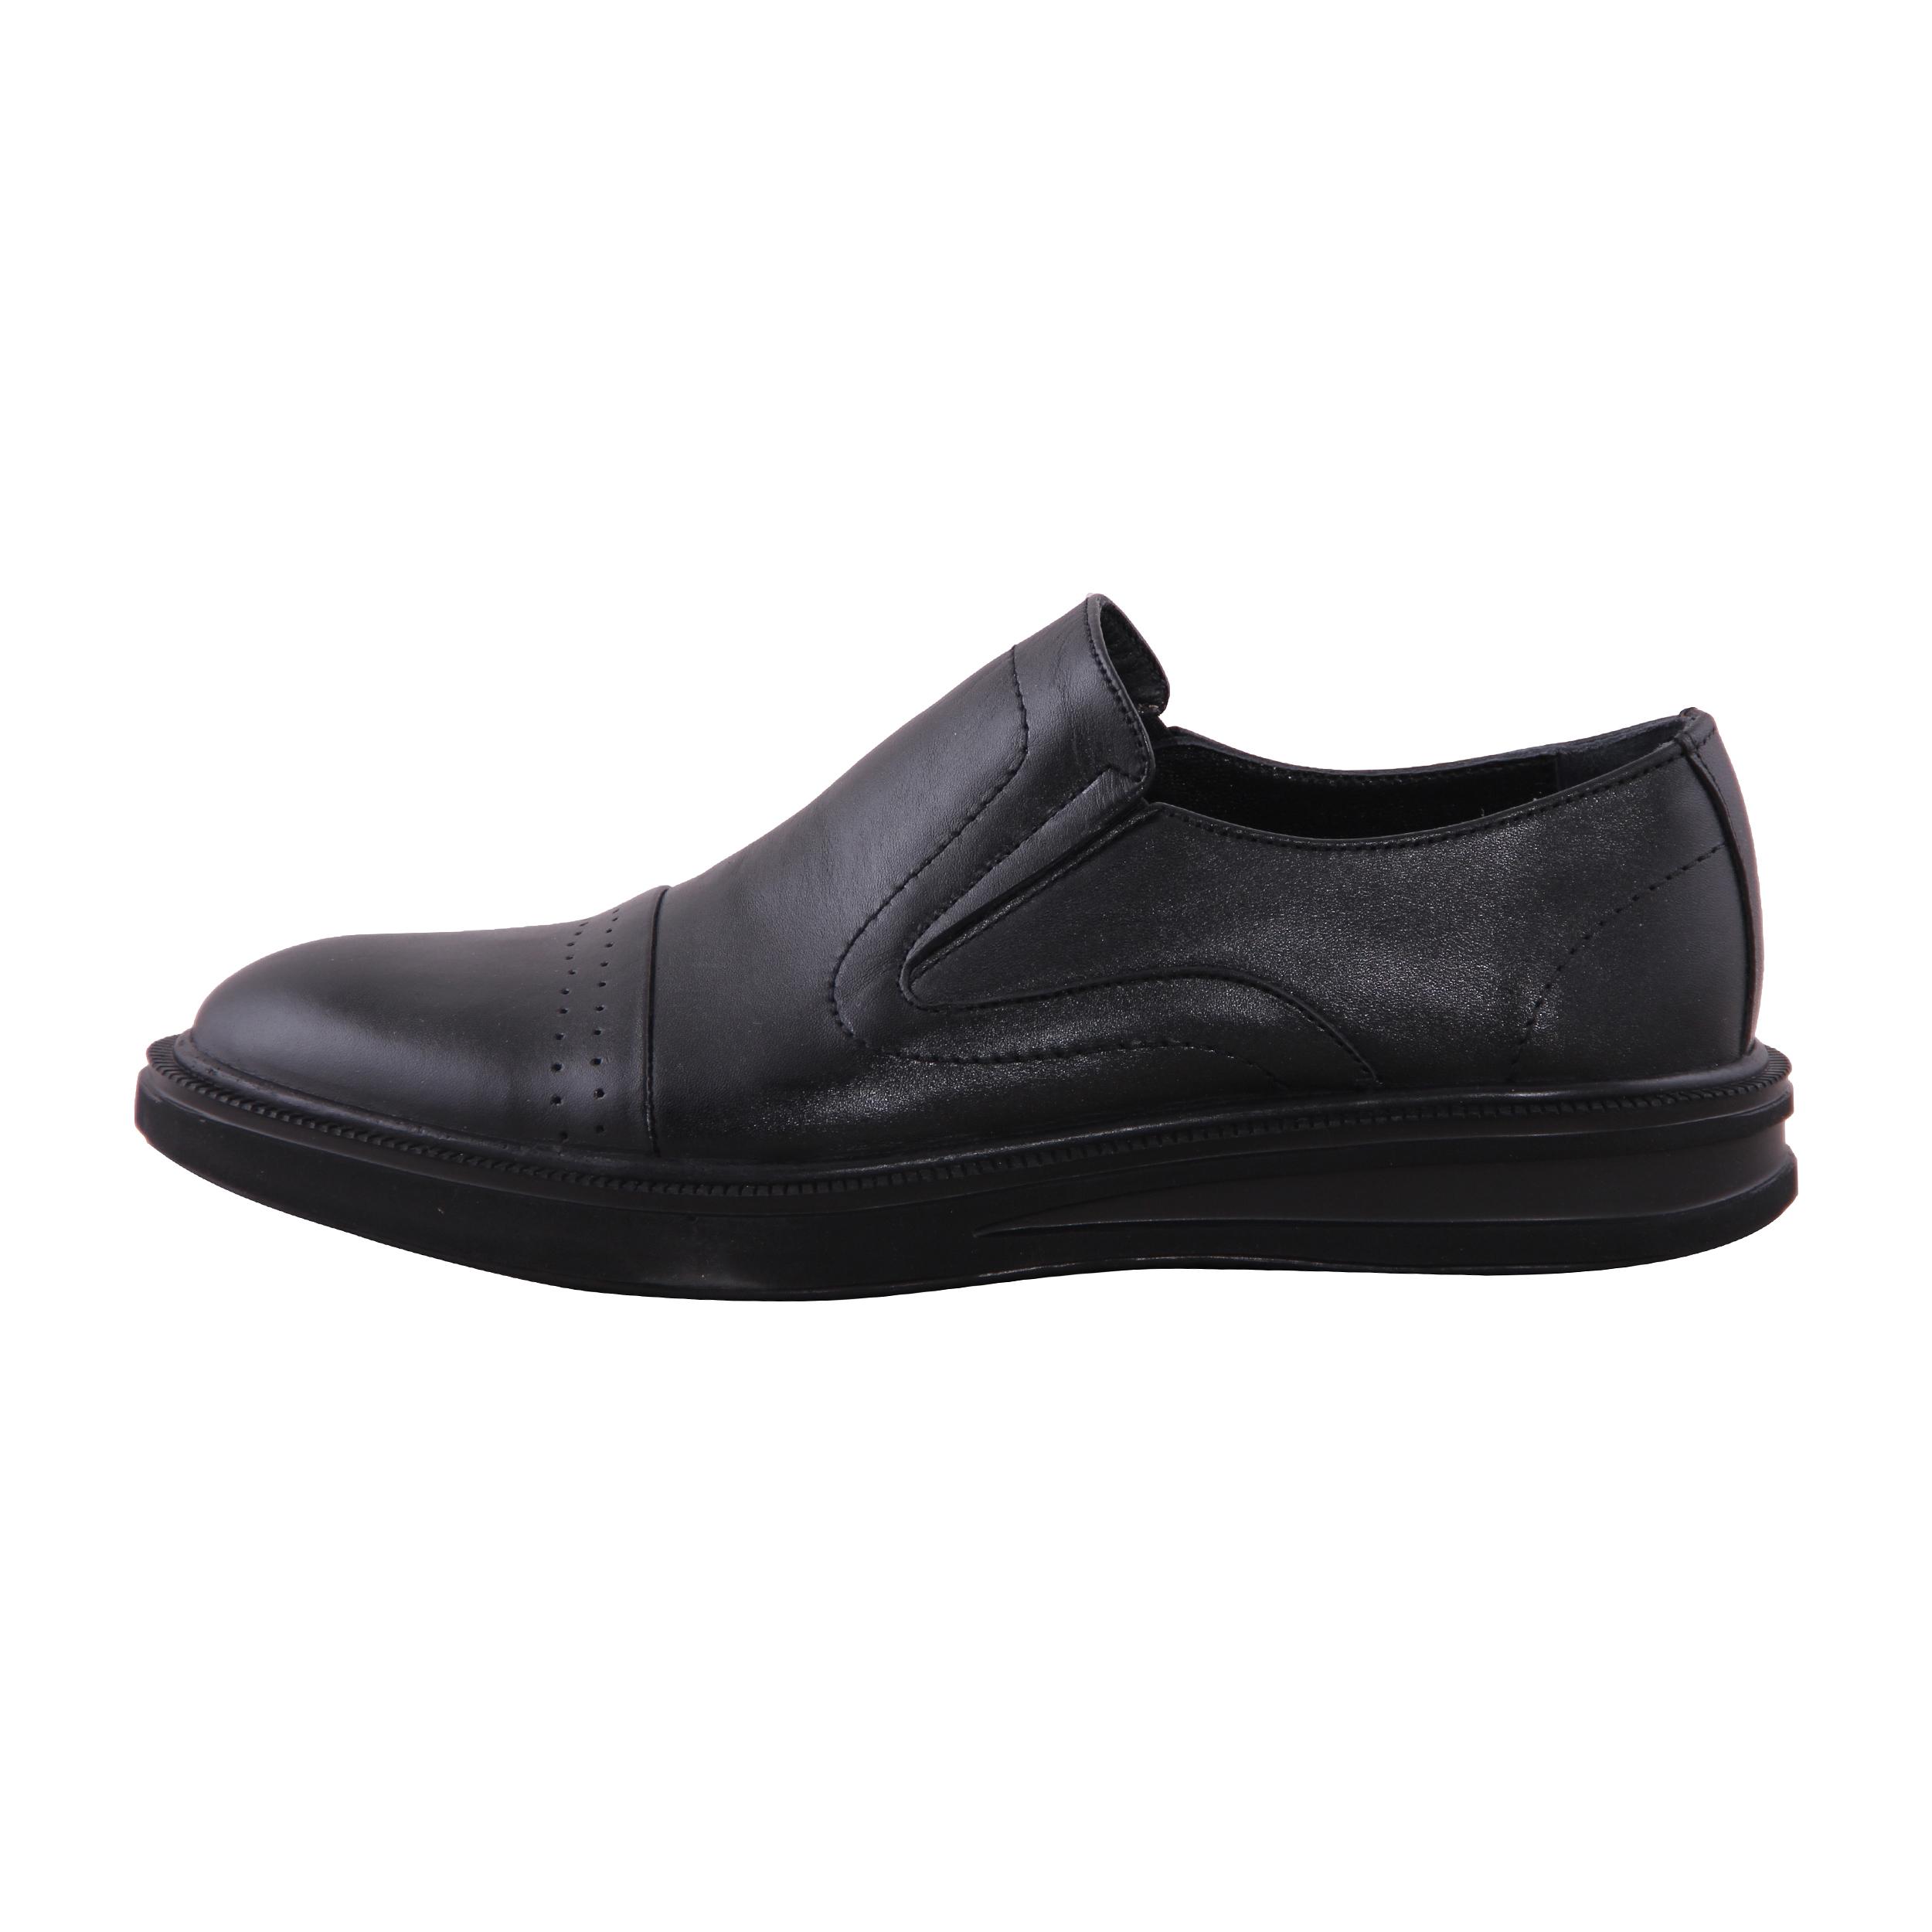 کفش روزمره مردانه شهر چرم مدل T39962-1